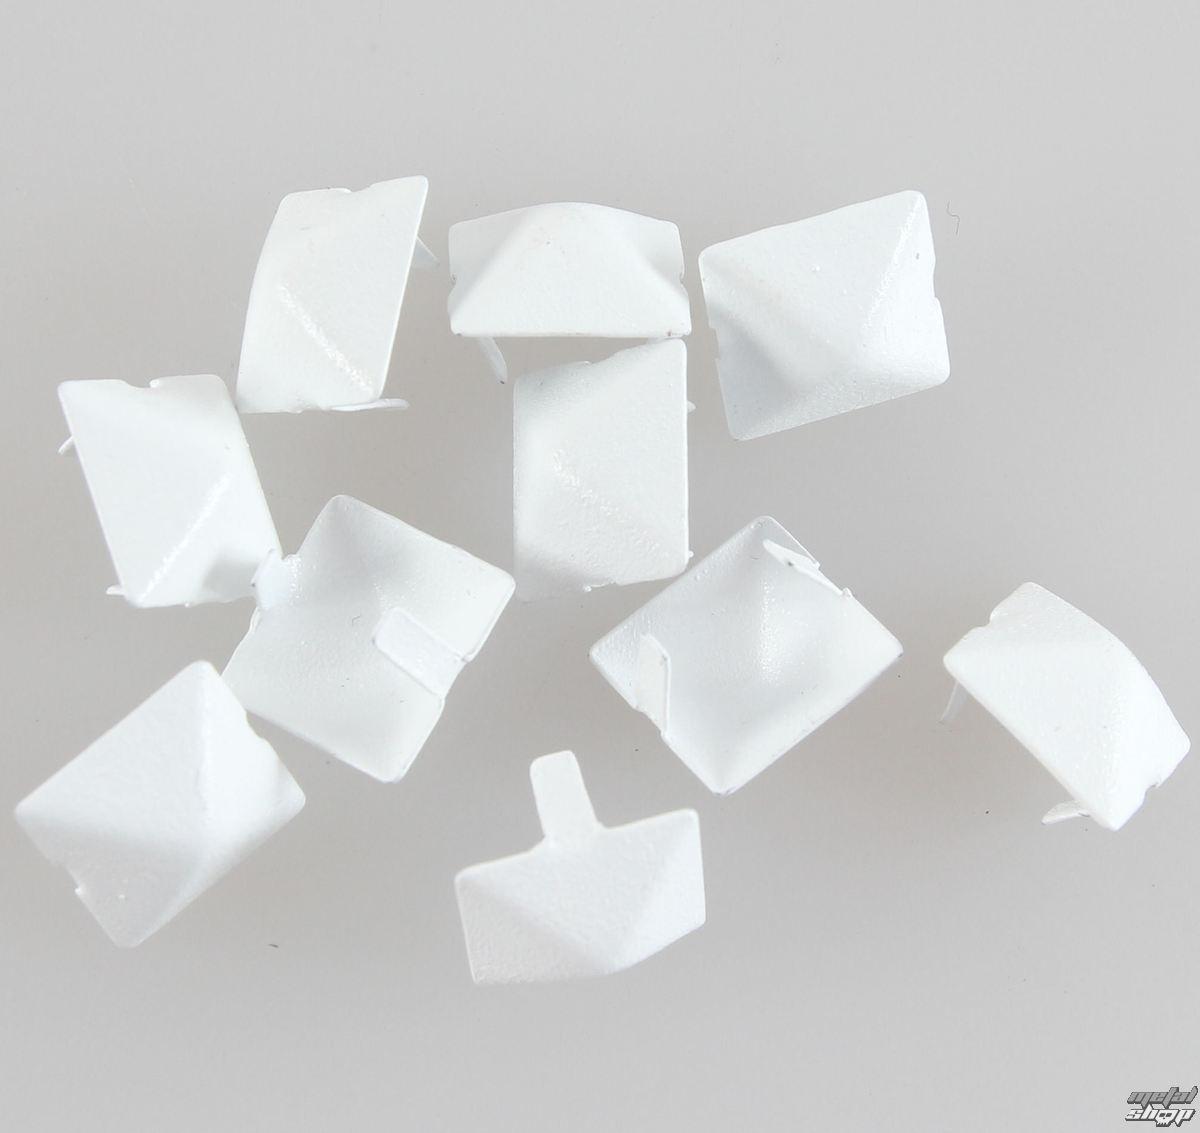 pyramídy kovové - 10ks - CW-046